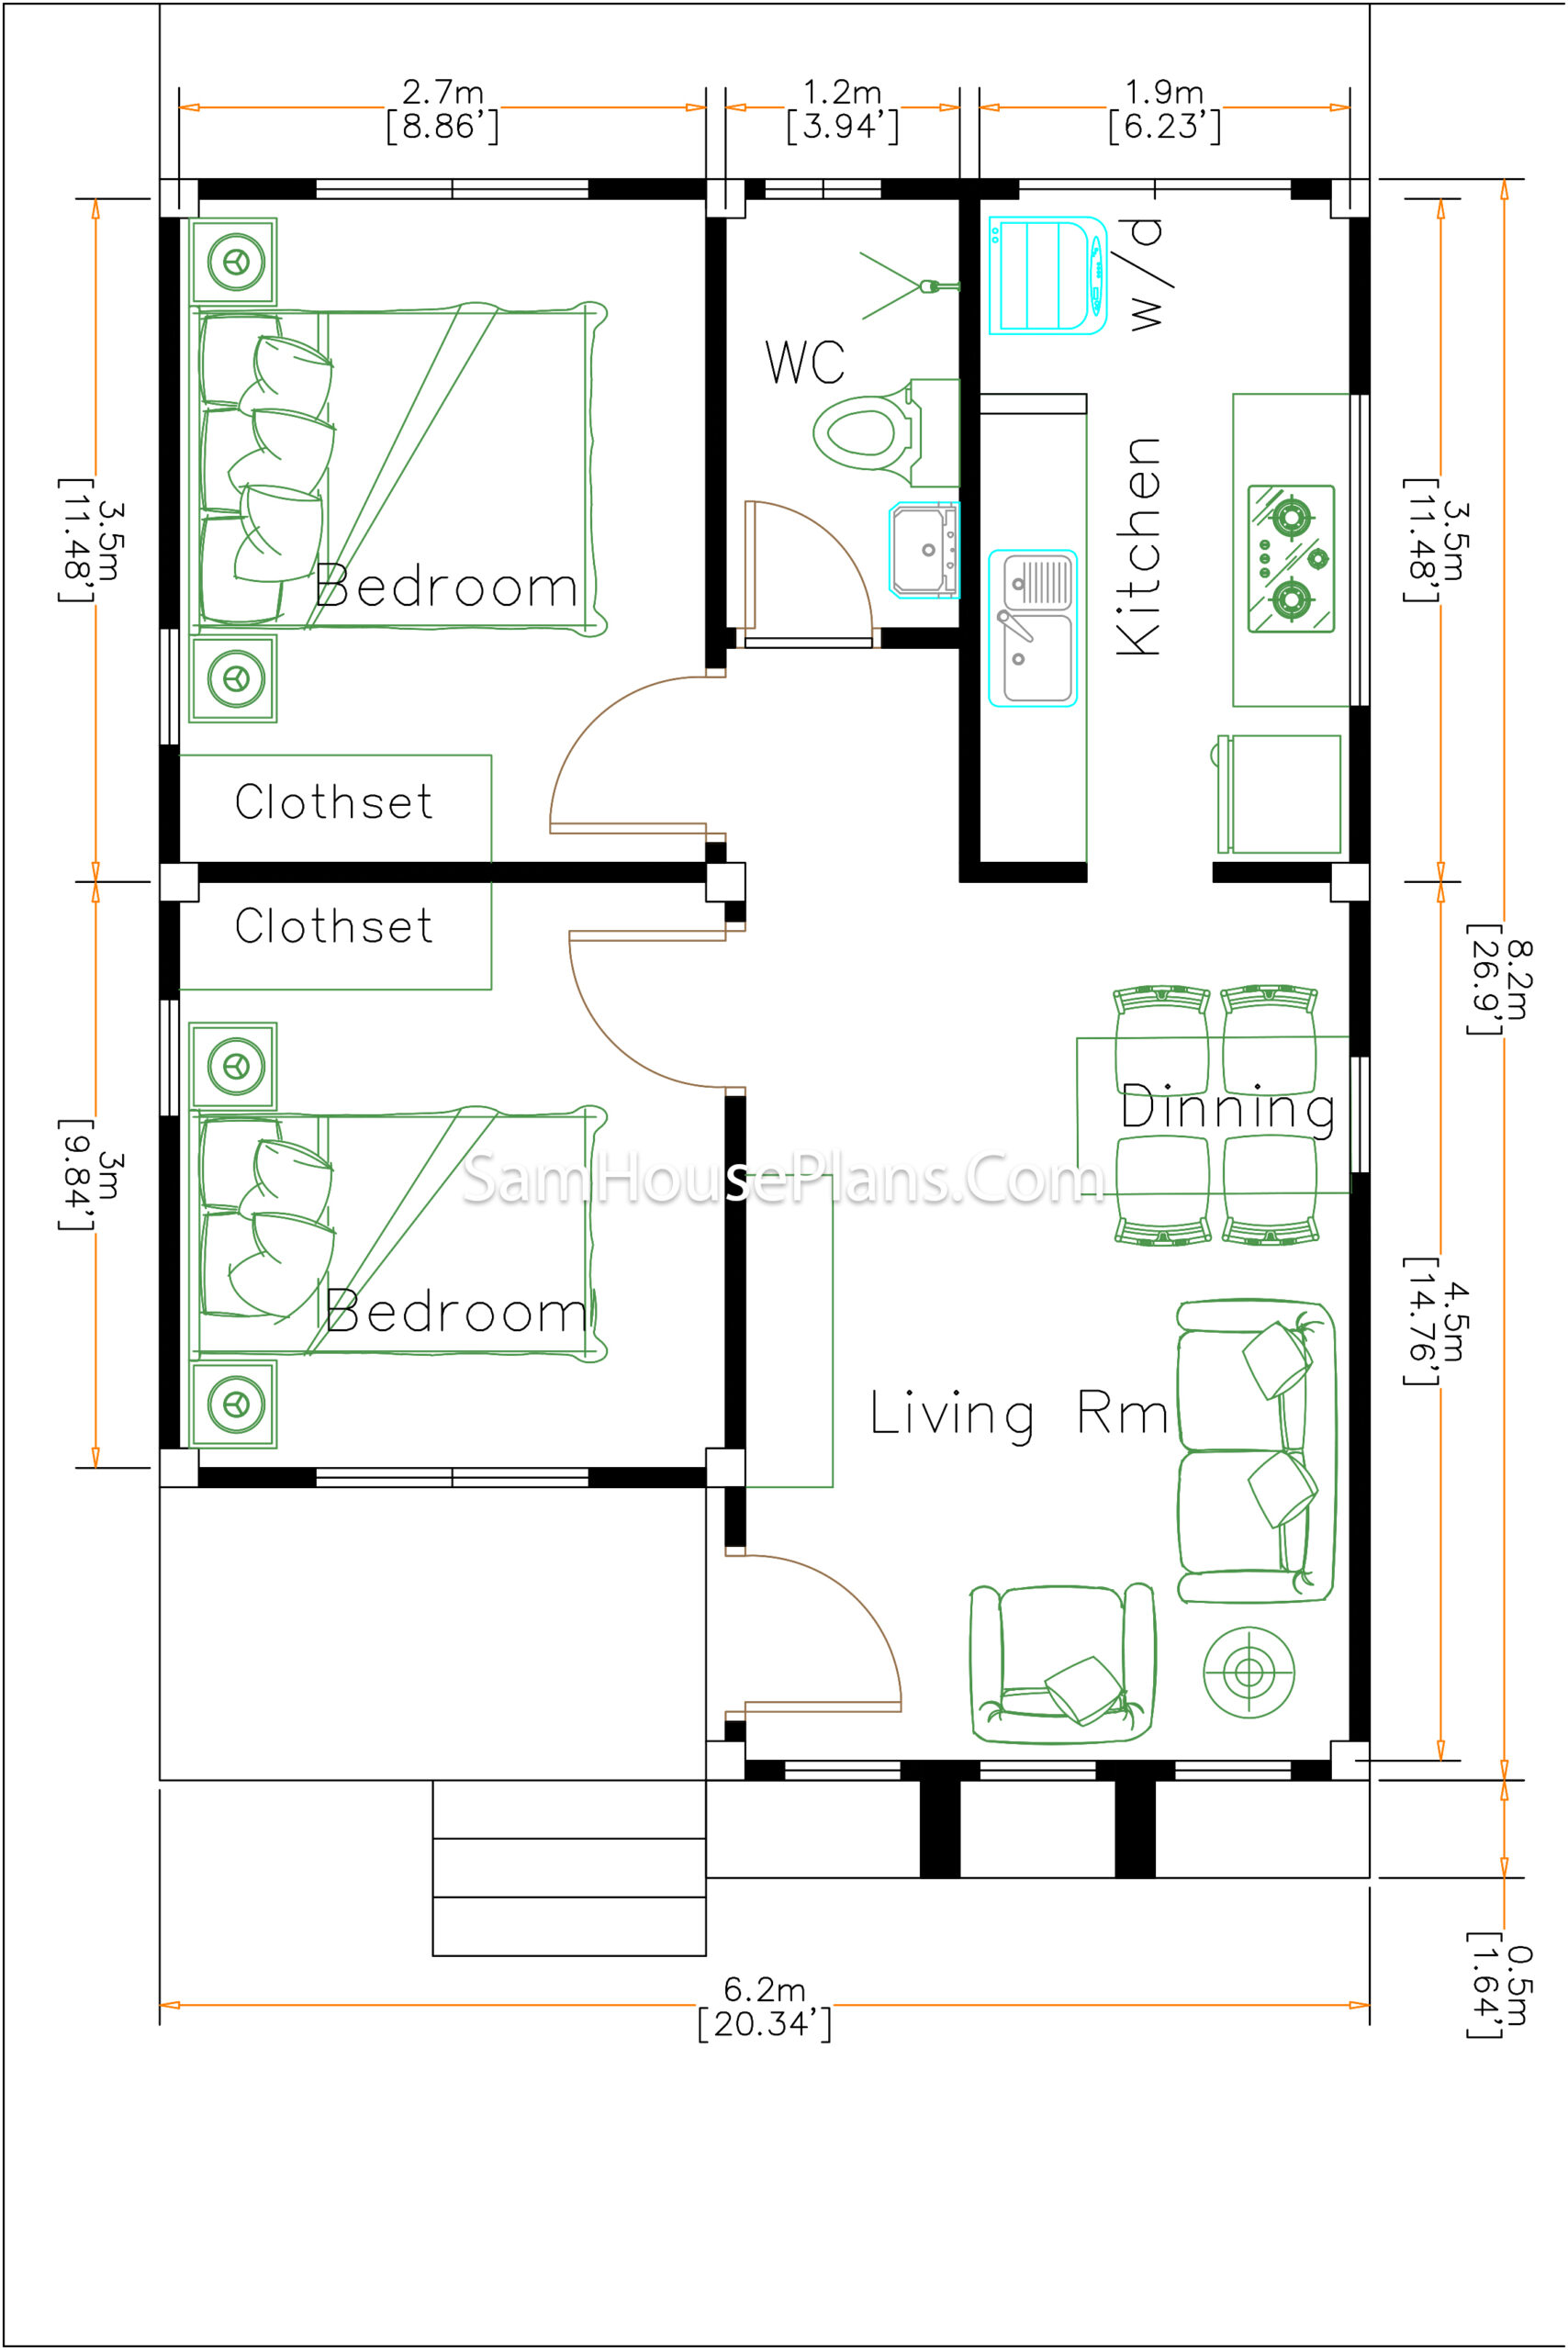 House Design 6x8Meter 20x27Feet Hip Roof